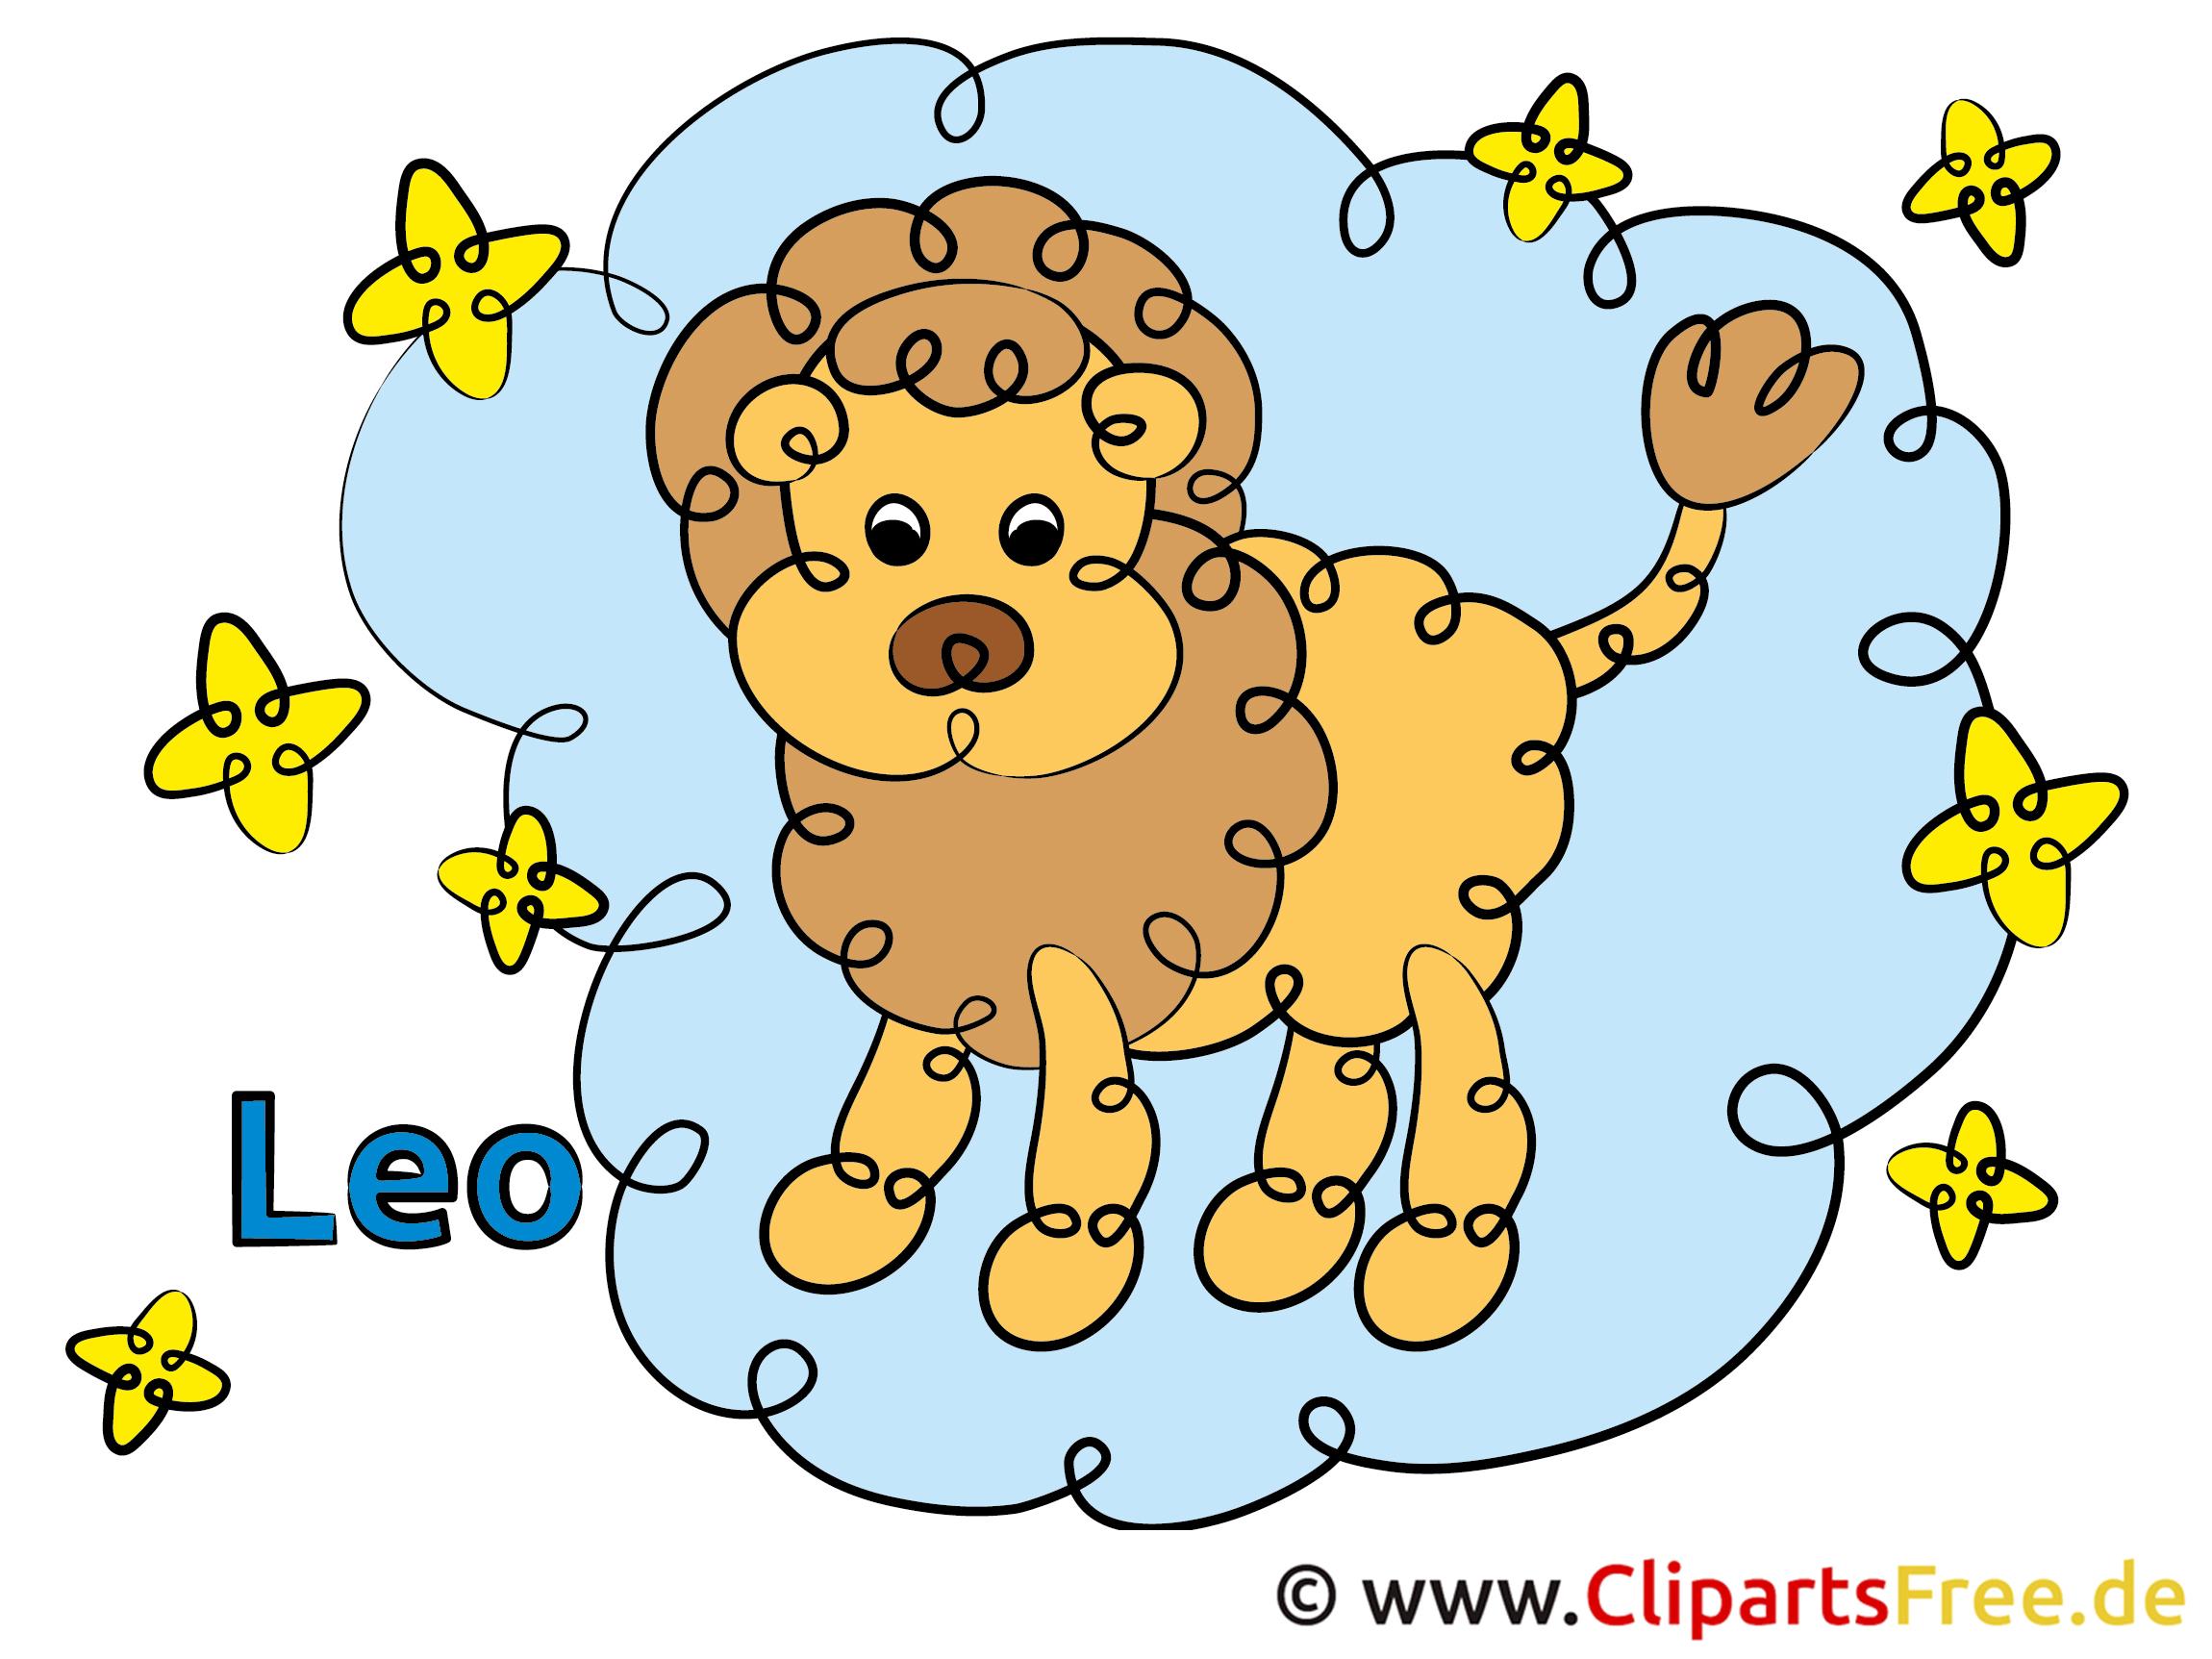 Bilder von Sternzeichen Loewe